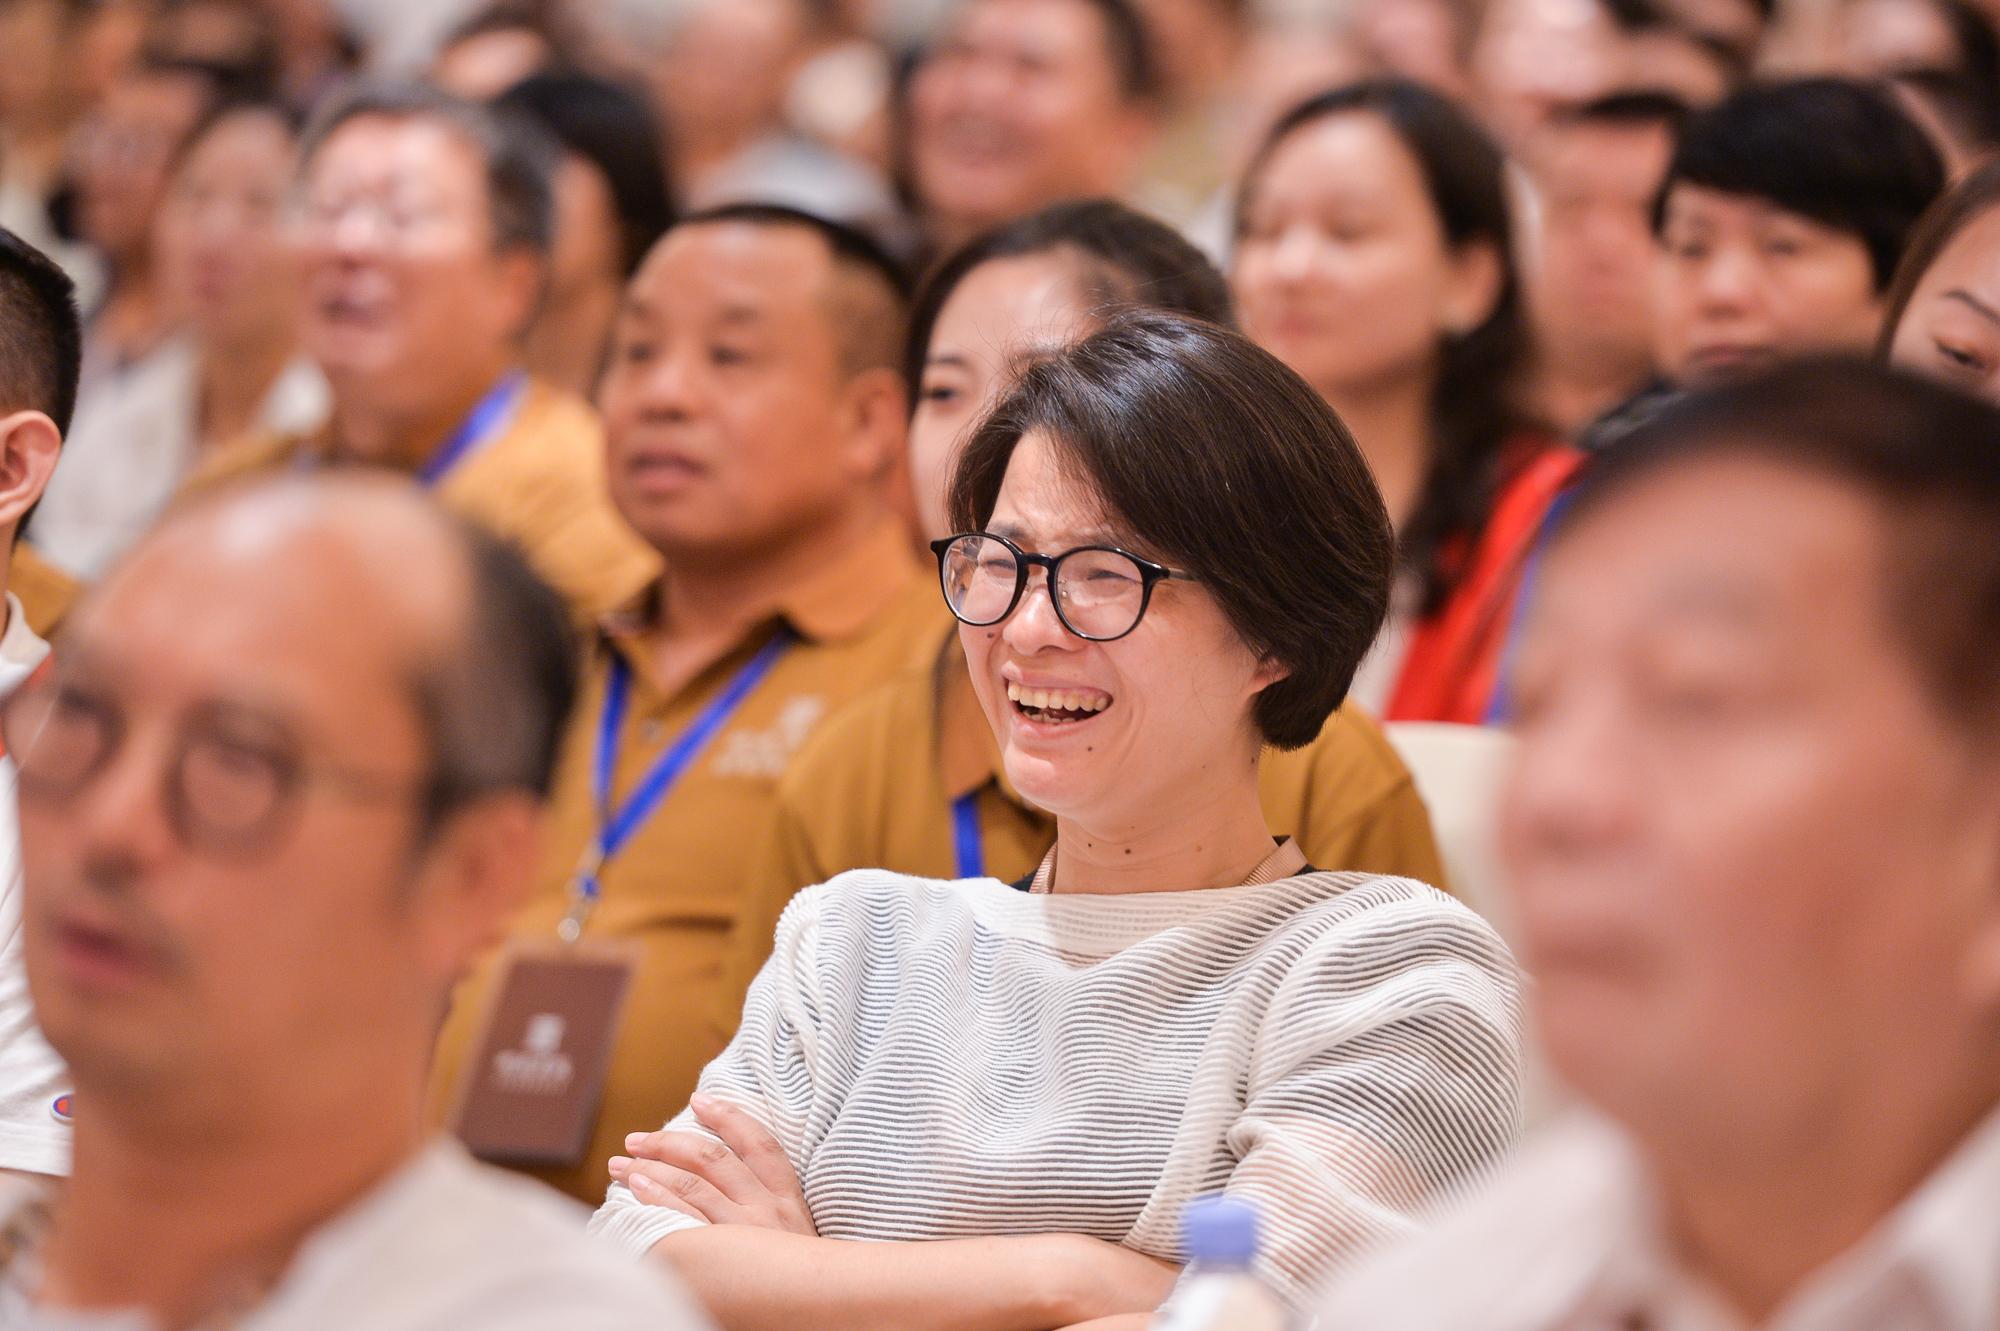 2019首屆明德儒商論壇在深圳舉行,金一南教授應邀演講!